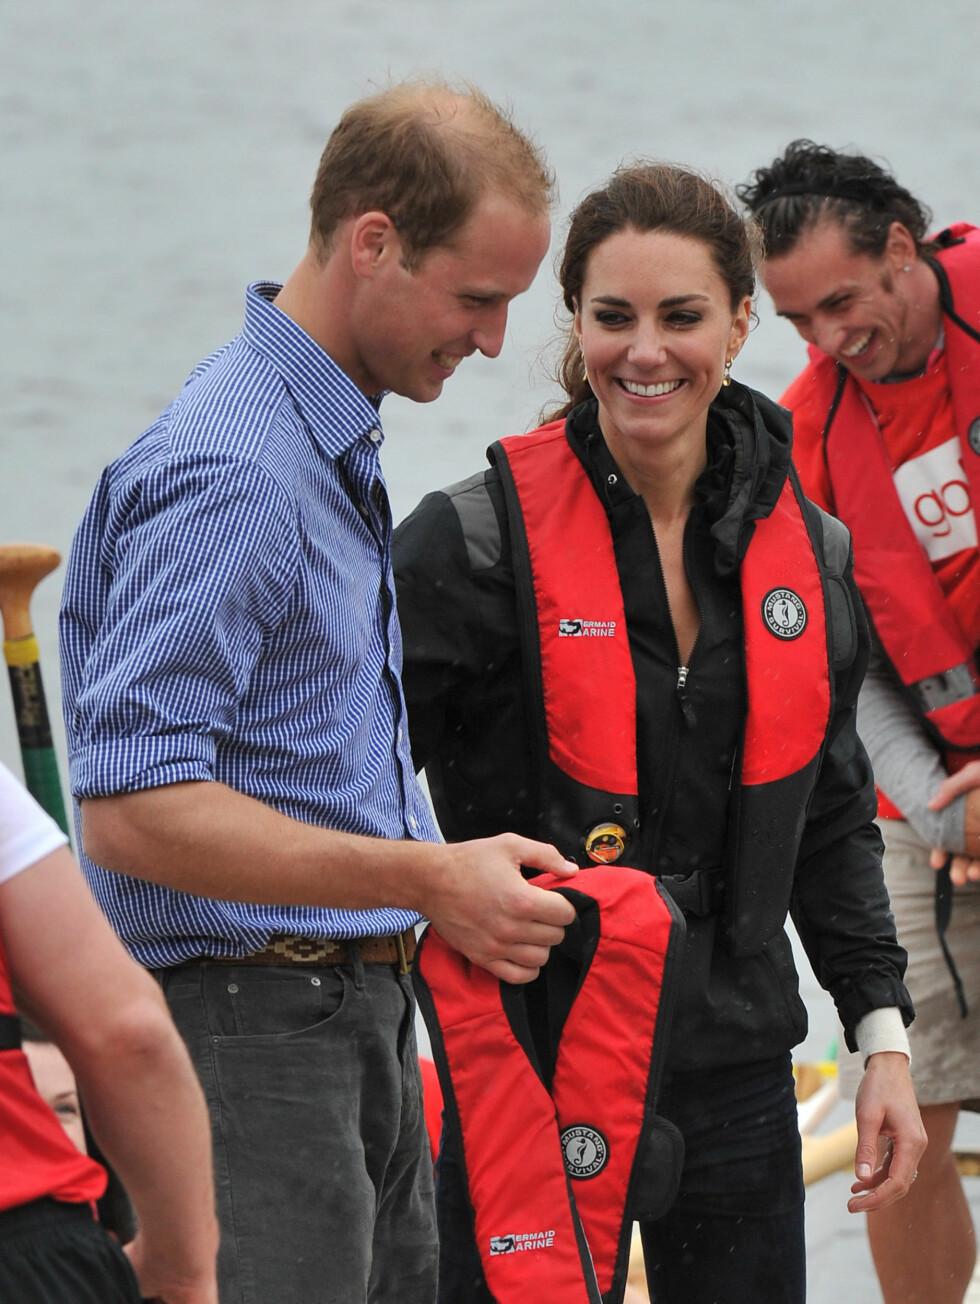 LO OG KOSTE SEG: Prinsesse Kate og prins William så ut til å storkose seg.  Foto: All Over Press